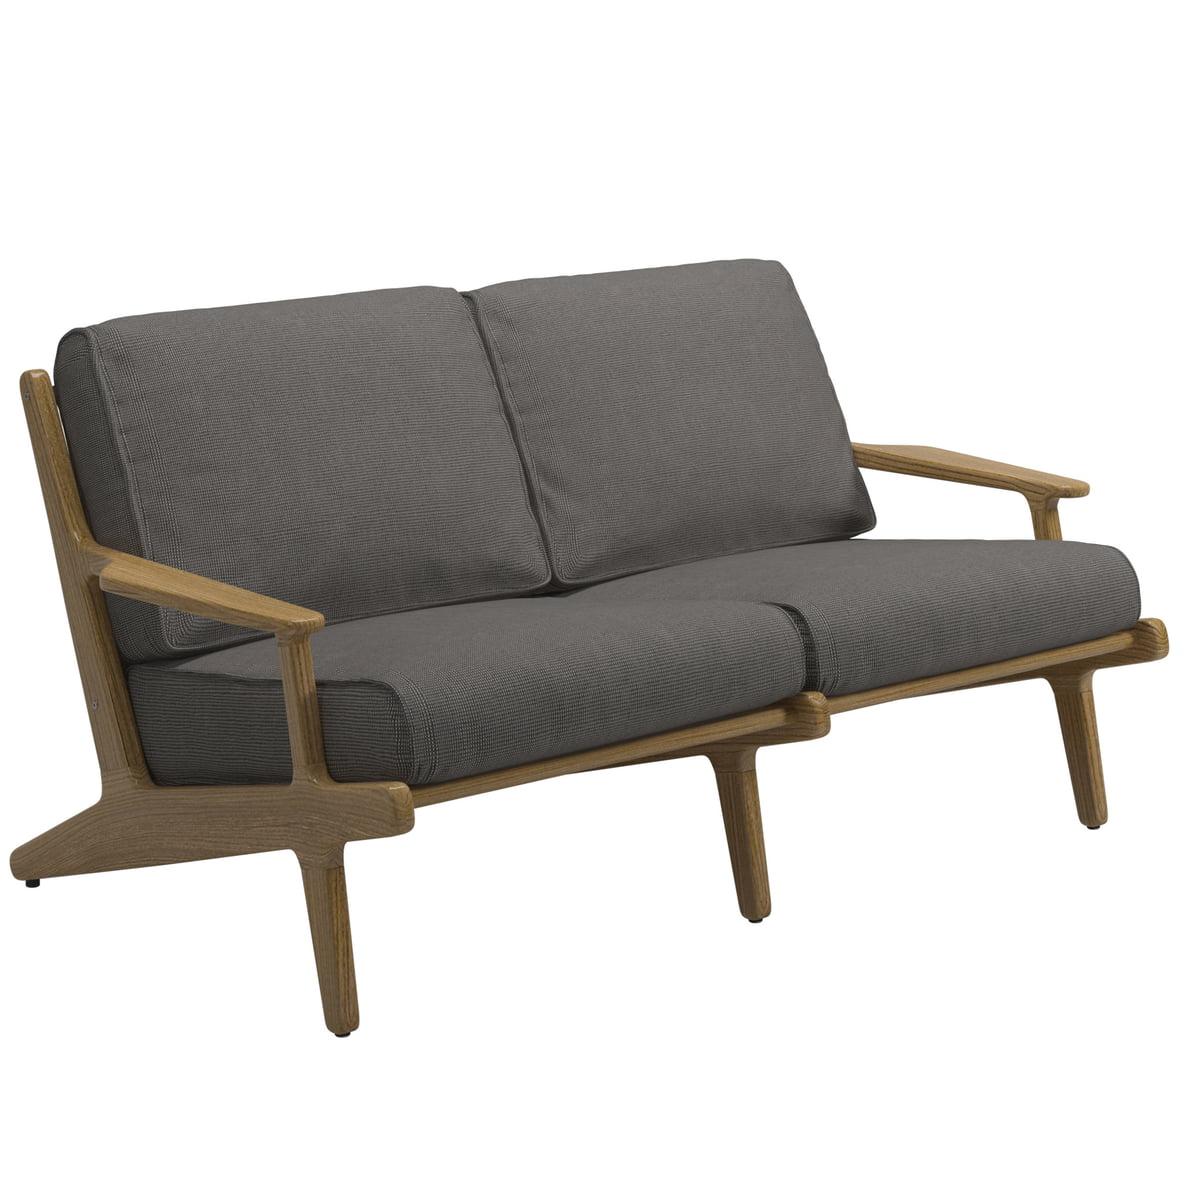 Super Gloster Bay Zitkamer 2 Zitsbank Teak Graniet Unemploymentrelief Wooden Chair Designs For Living Room Unemploymentrelieforg